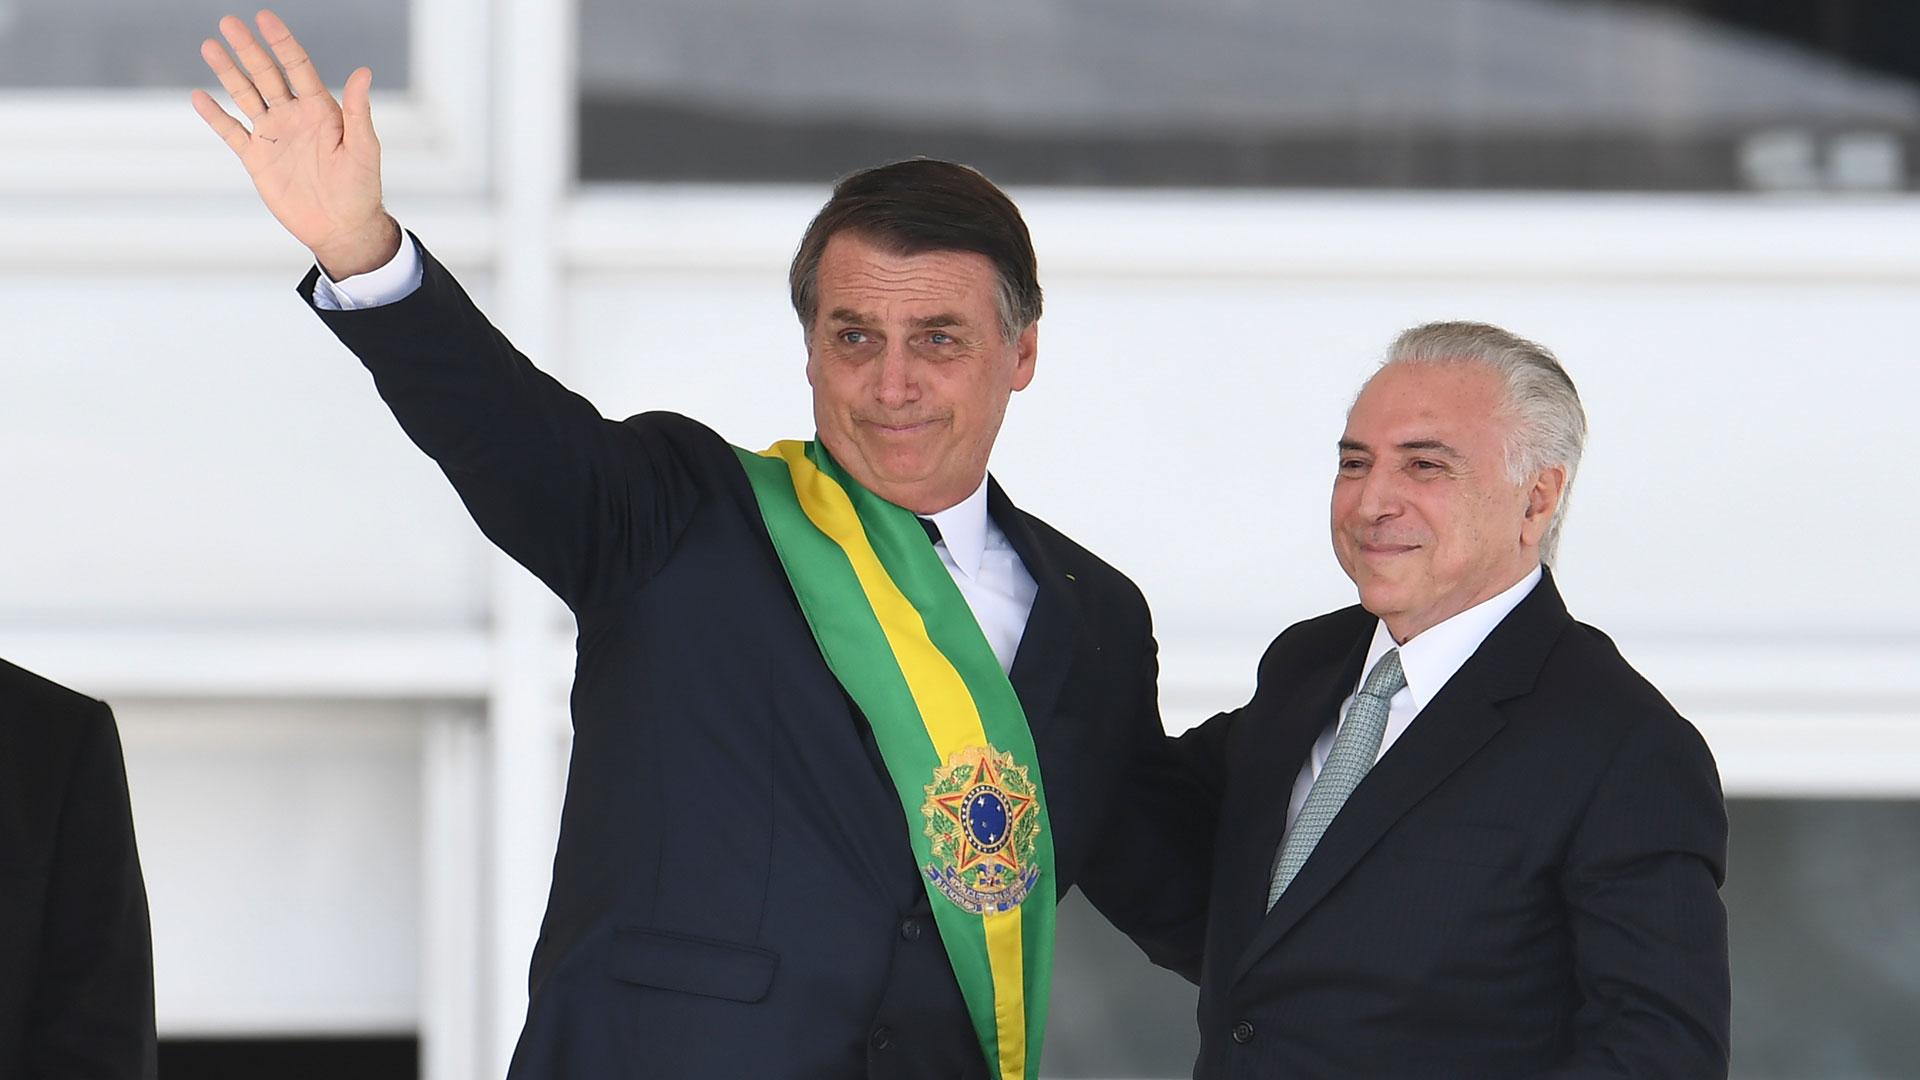 Bolsonaro en su asunción presidencial, junto a su predecesor Michel Temer